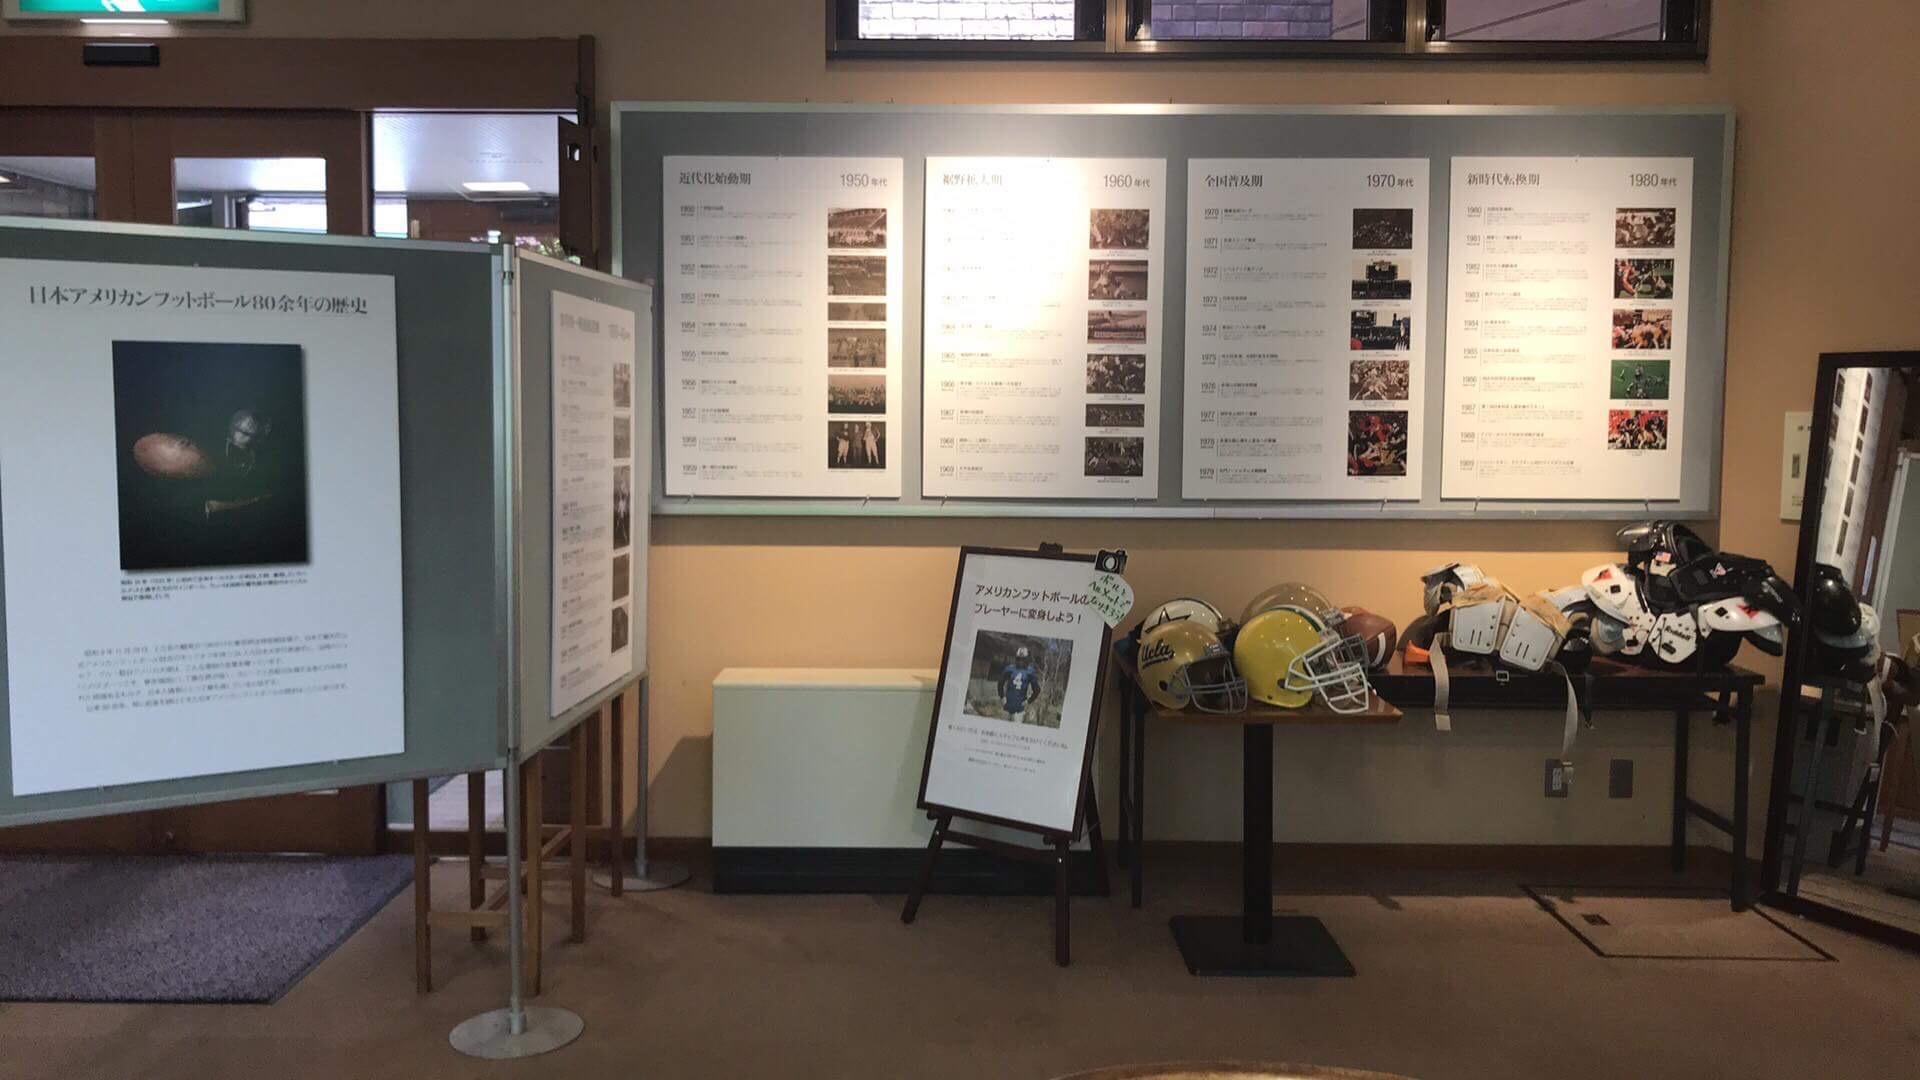 山梨県の清里にある「日本のアメリカンフットボールの殿堂」